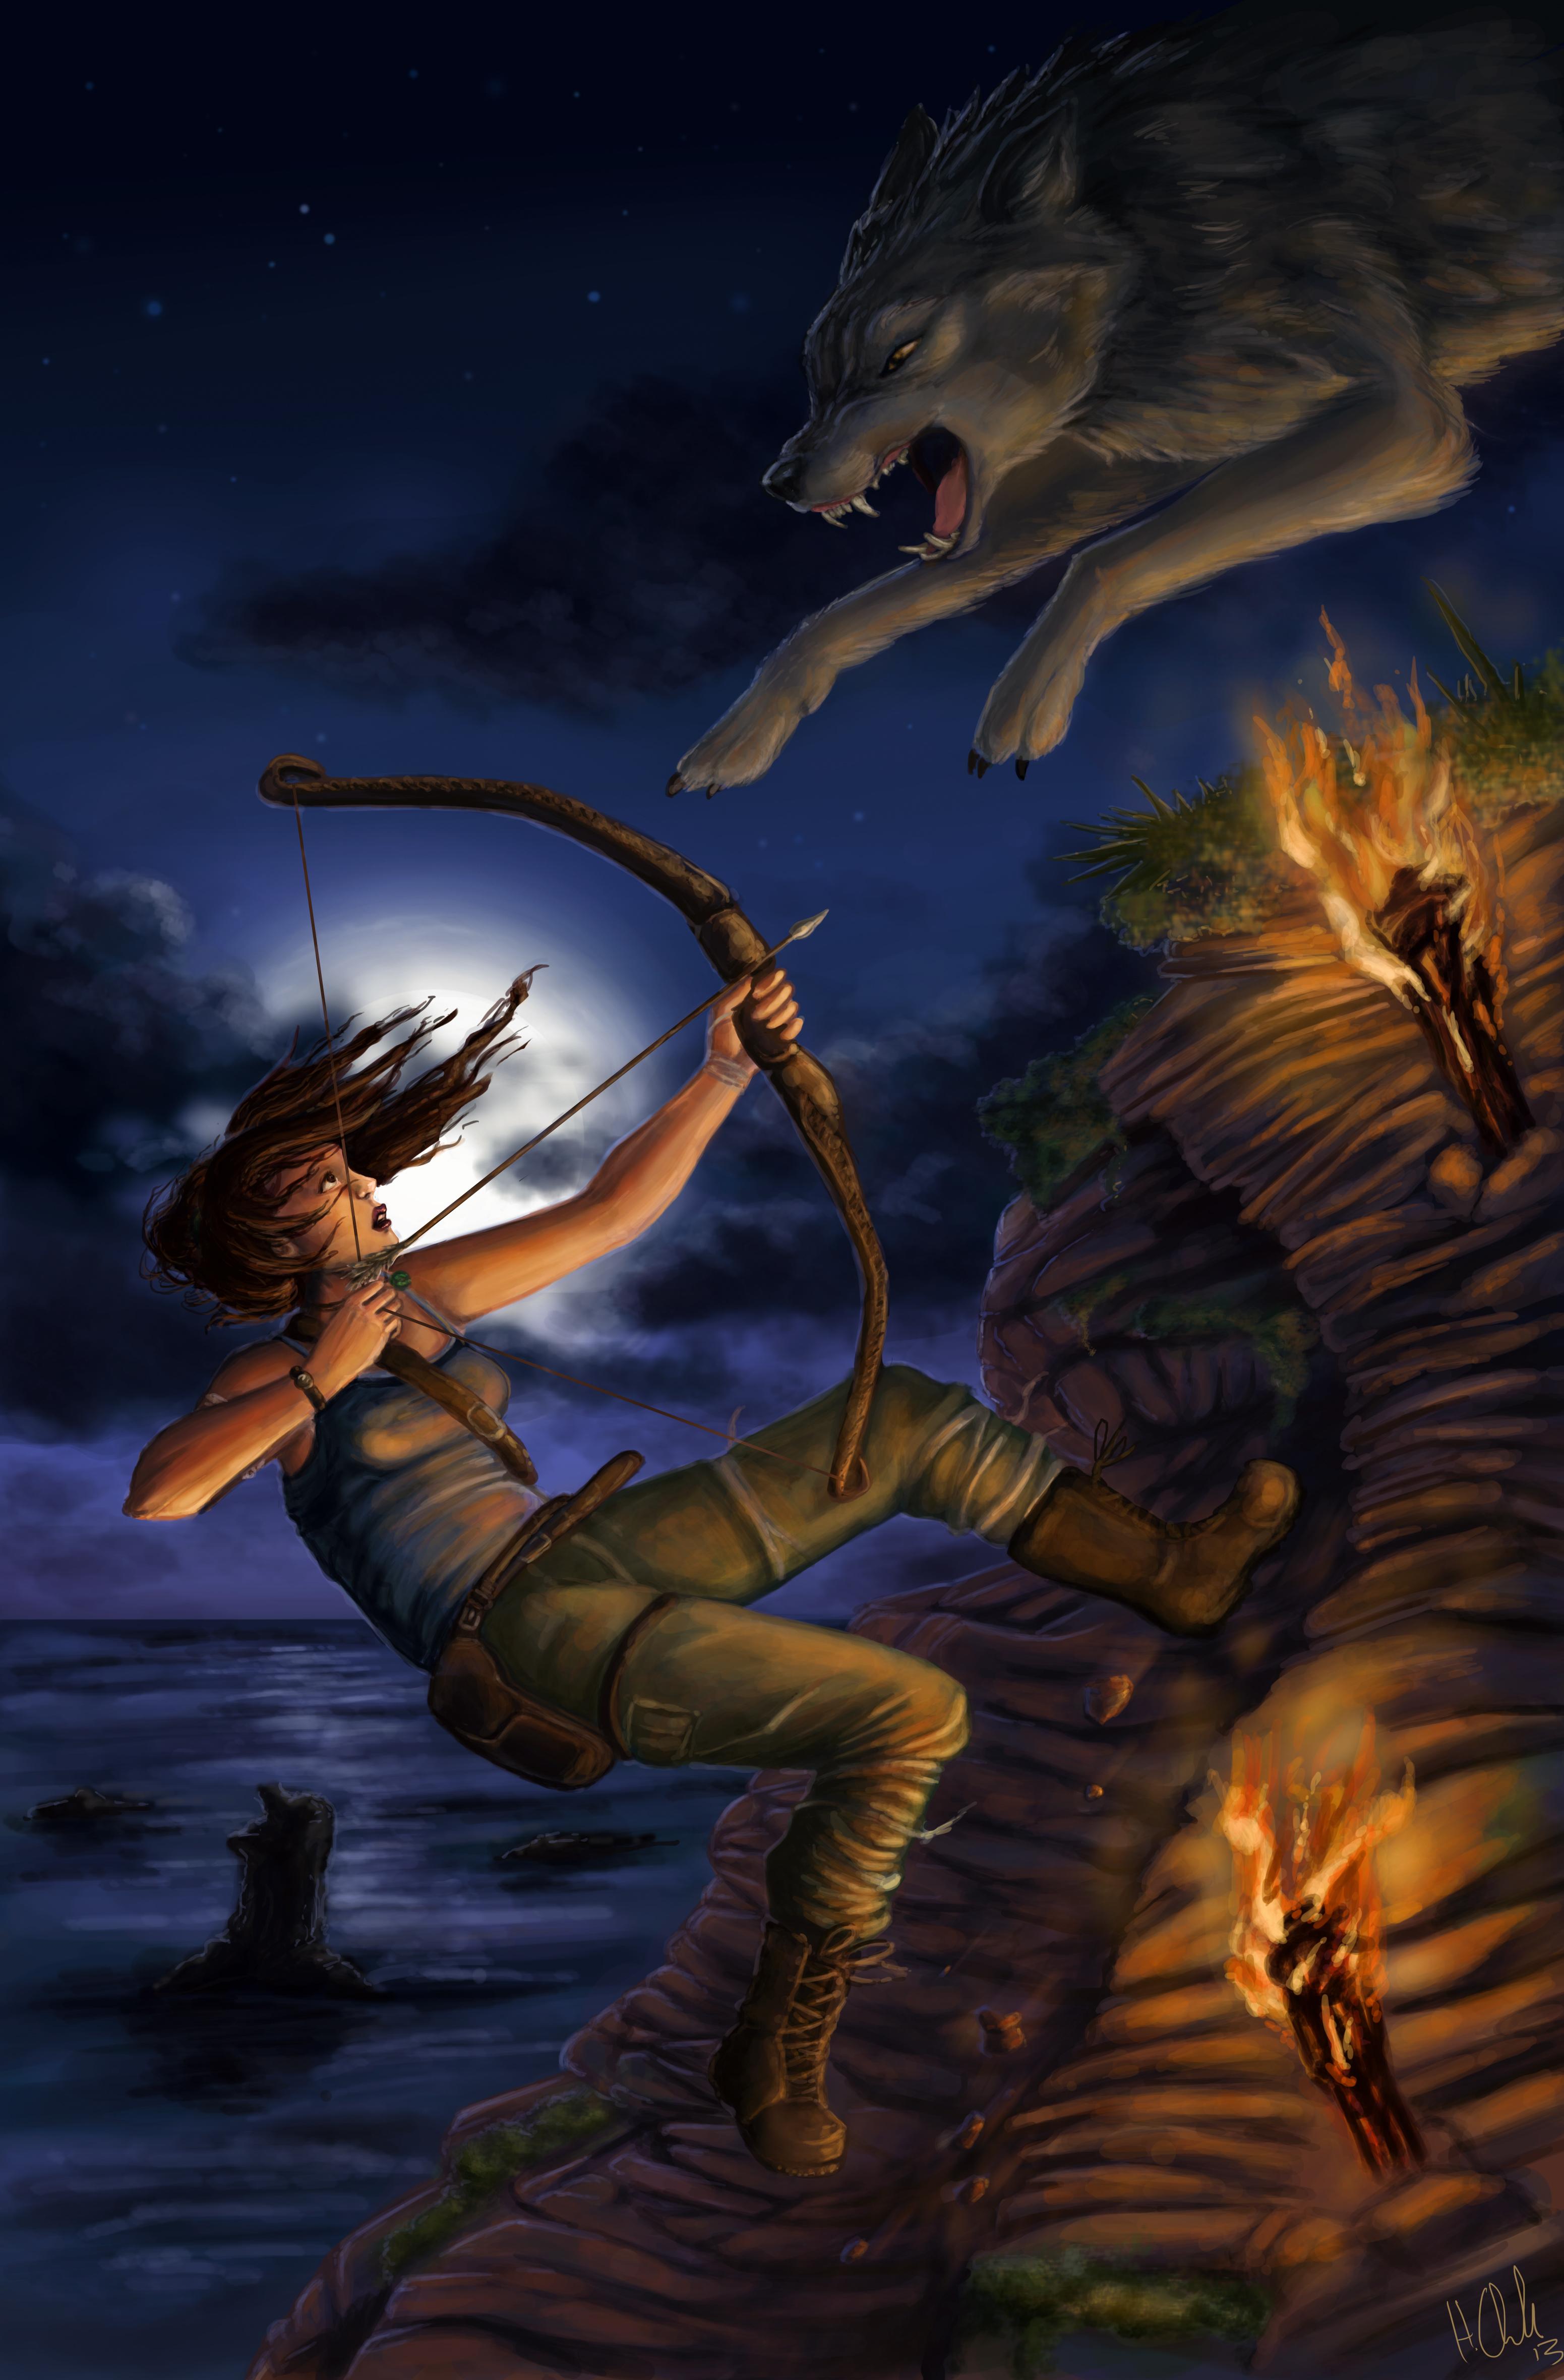 Tomb Raider - Lara Croft by ihazart